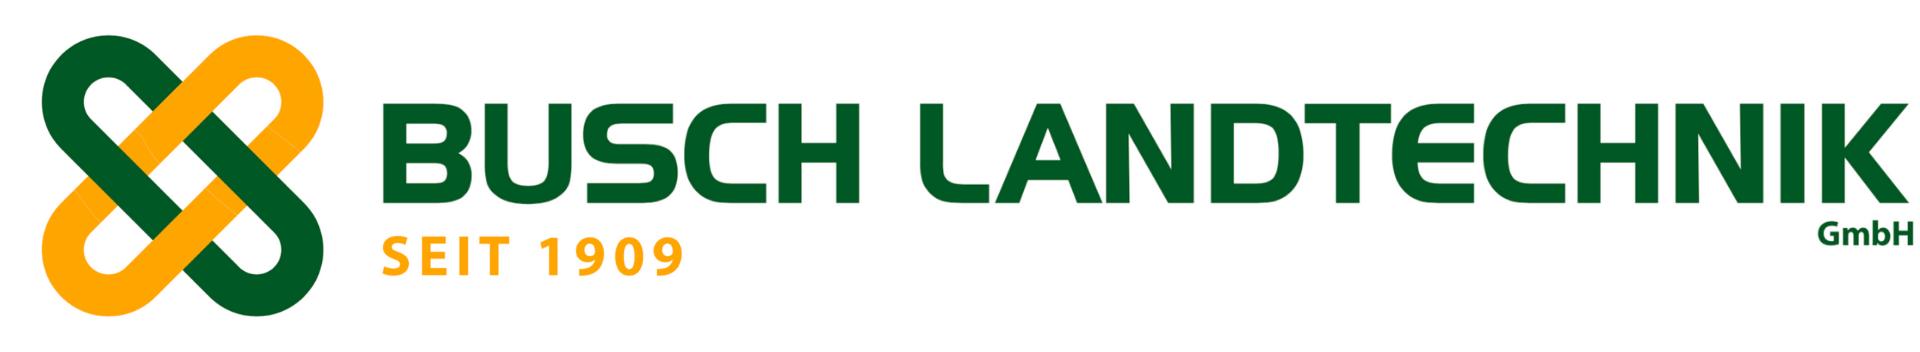 Busch Landtechnik